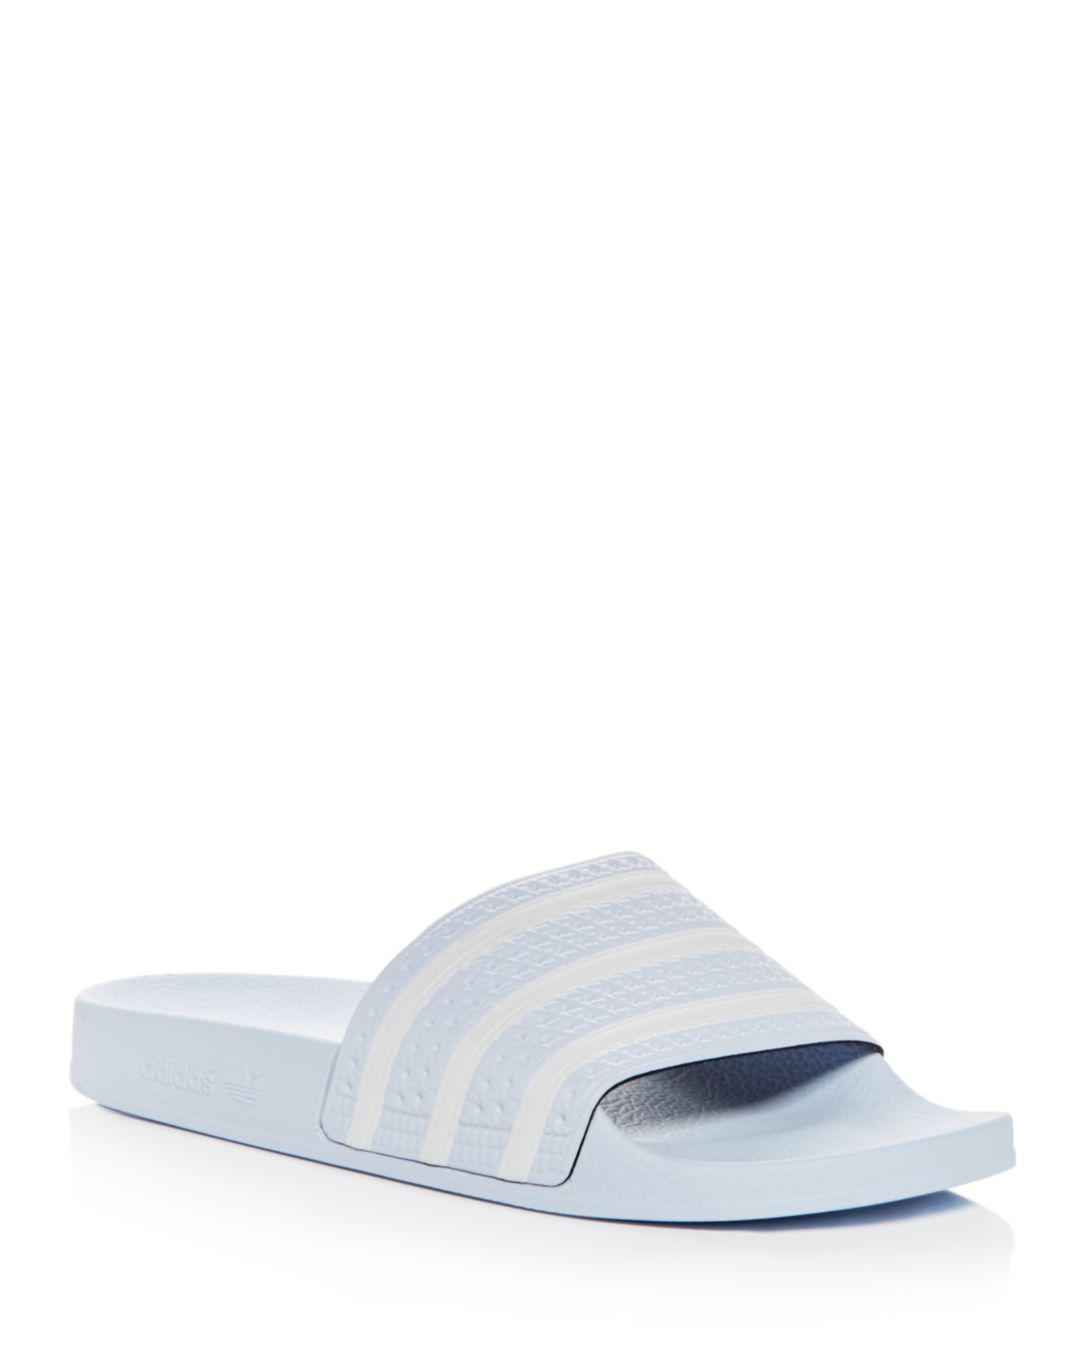 Lyst - Adidas Men s Adilette Slide Sandals for Men 7e8f78b08